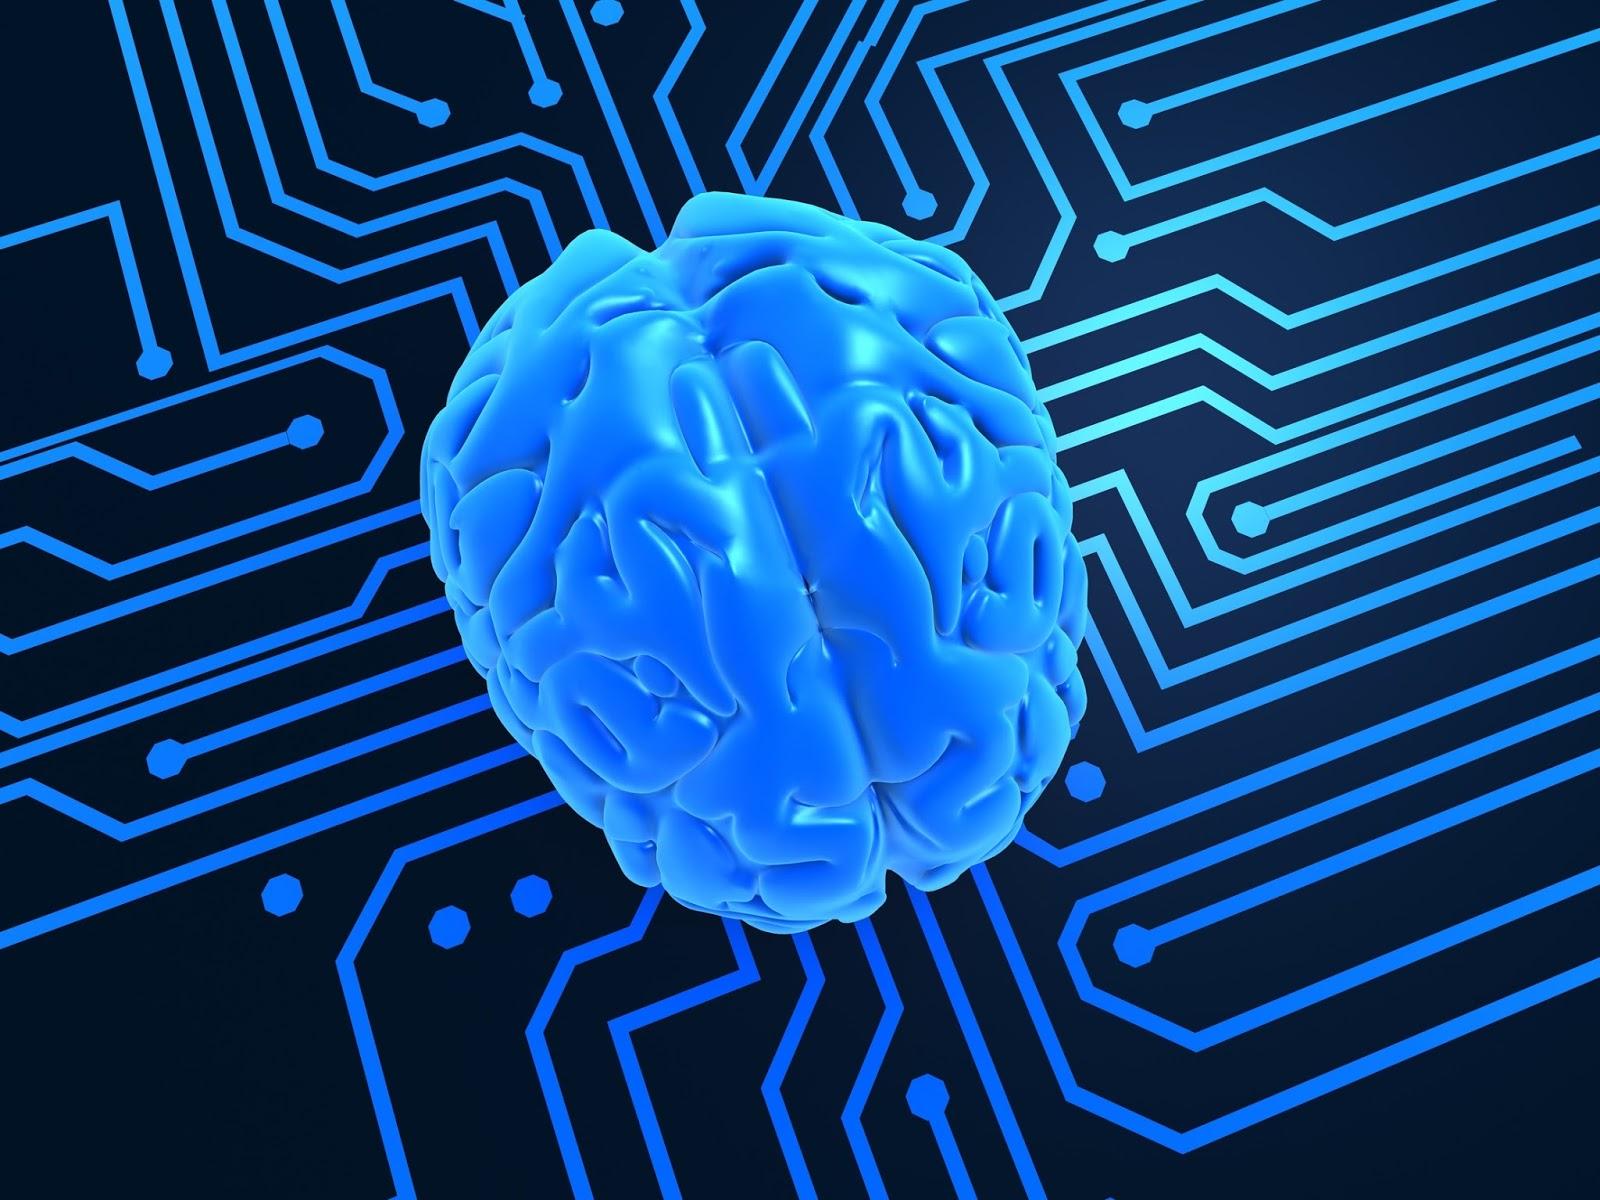 neurociencia y fisica cuantica